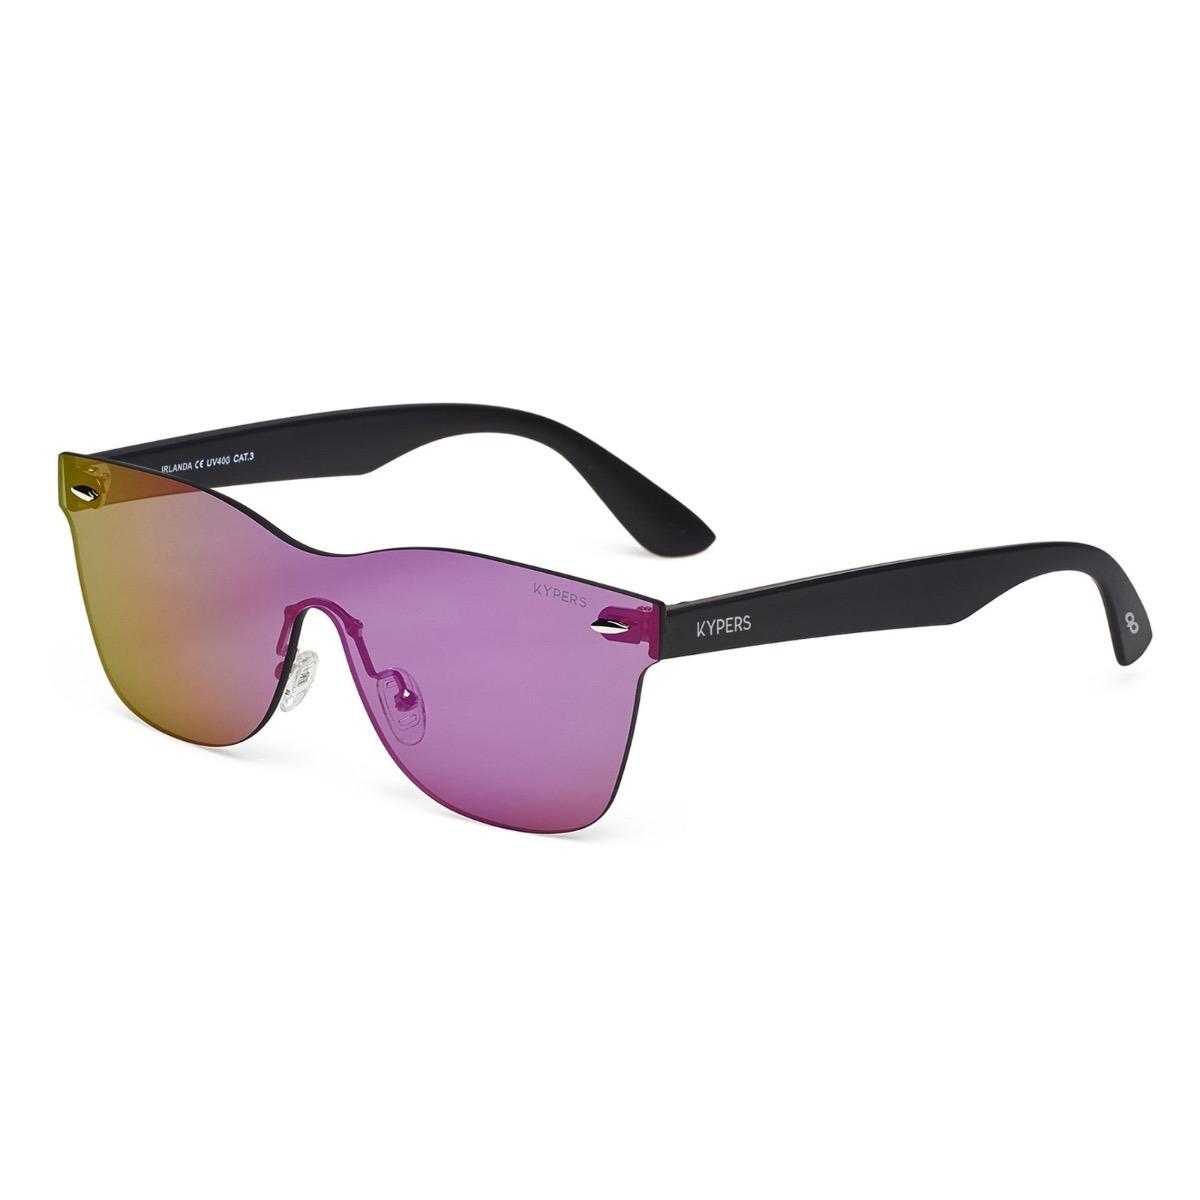 45913cf9b5 anteojos kypers gafas de sol irlanda unisex uv colores orig. Cargando zoom.